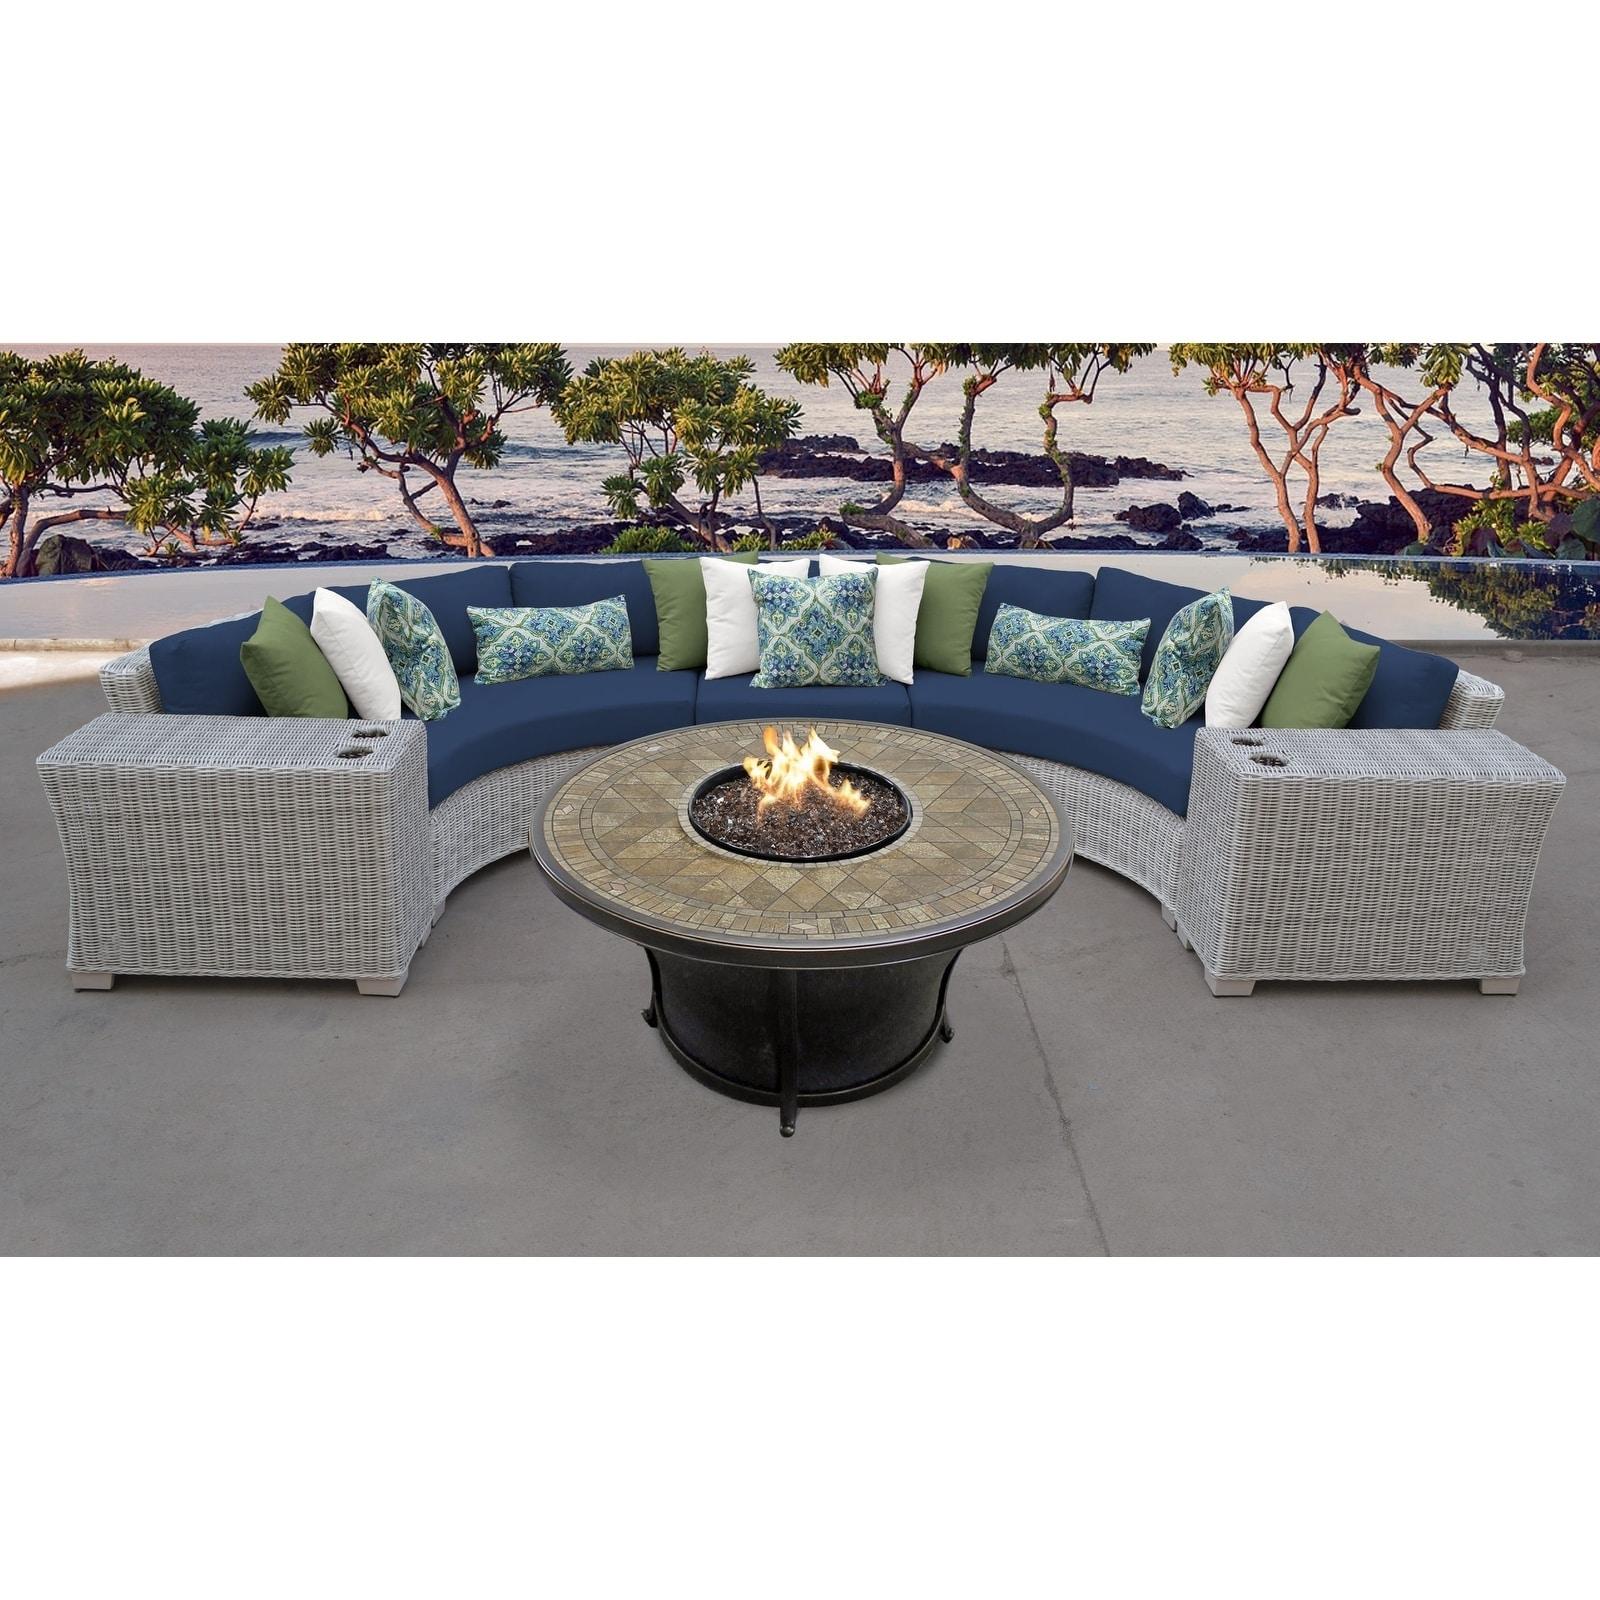 Coast 6 piece outdoor wicker patio furniture set 06a